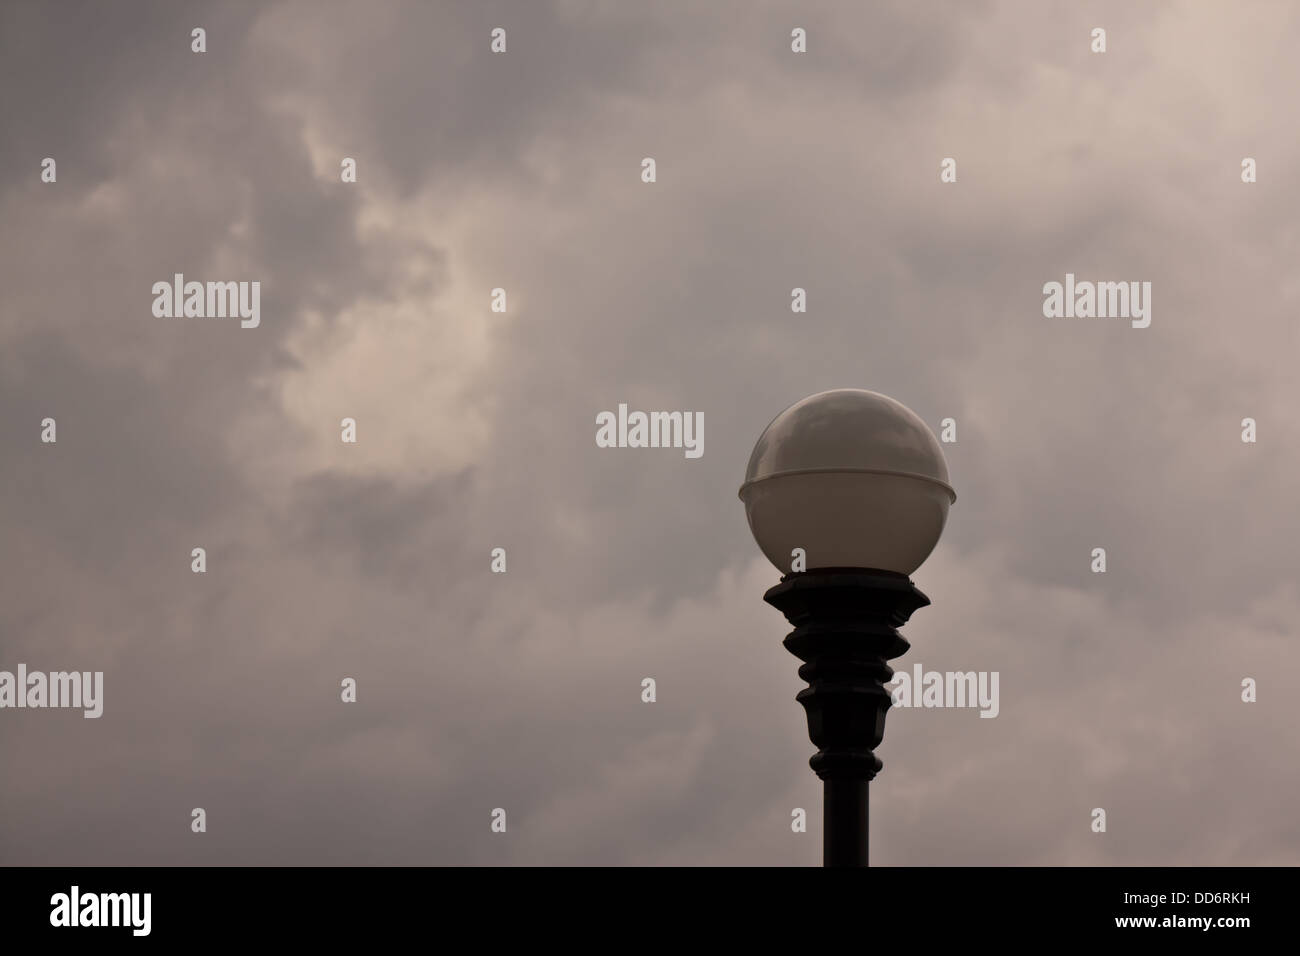 Après l'électricité avec nuage noir Photo Stock